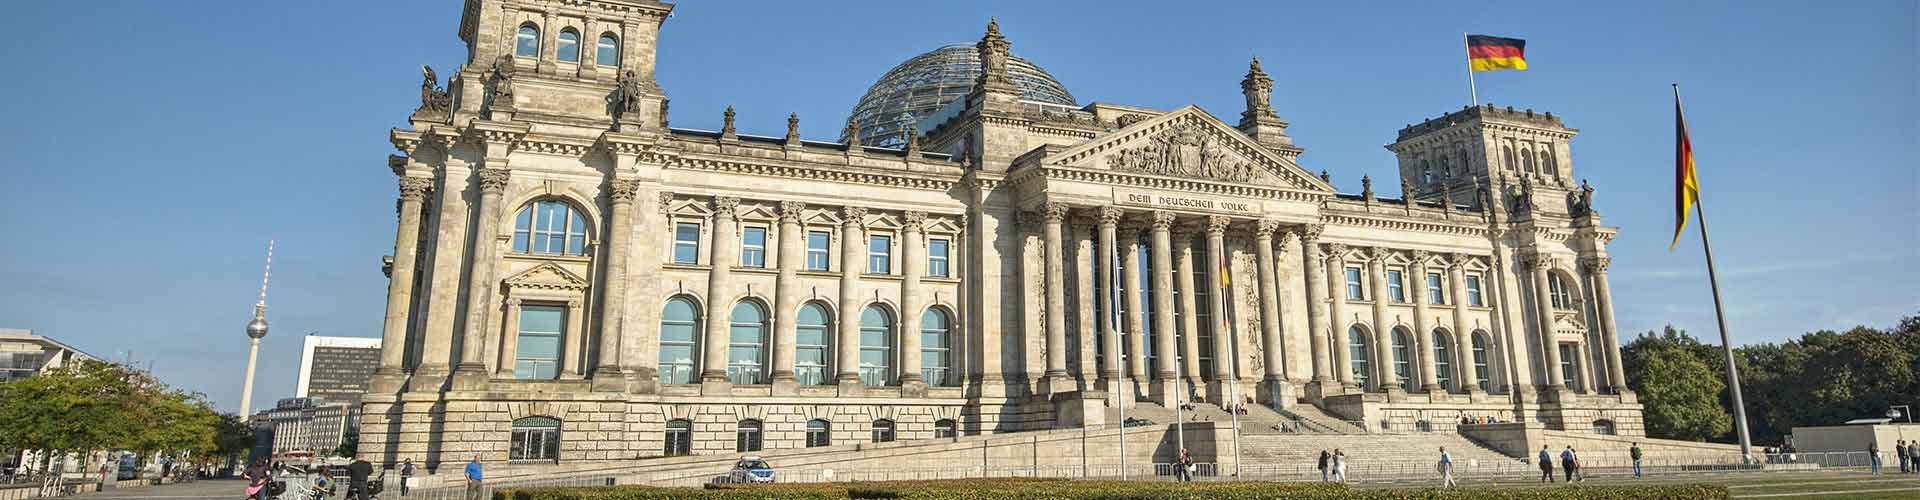 Berlín - Hostelů v blízkosti Budova Reichstag . Mapy pro Berlín, fotky a recenze pro každý hostel v Berlín.